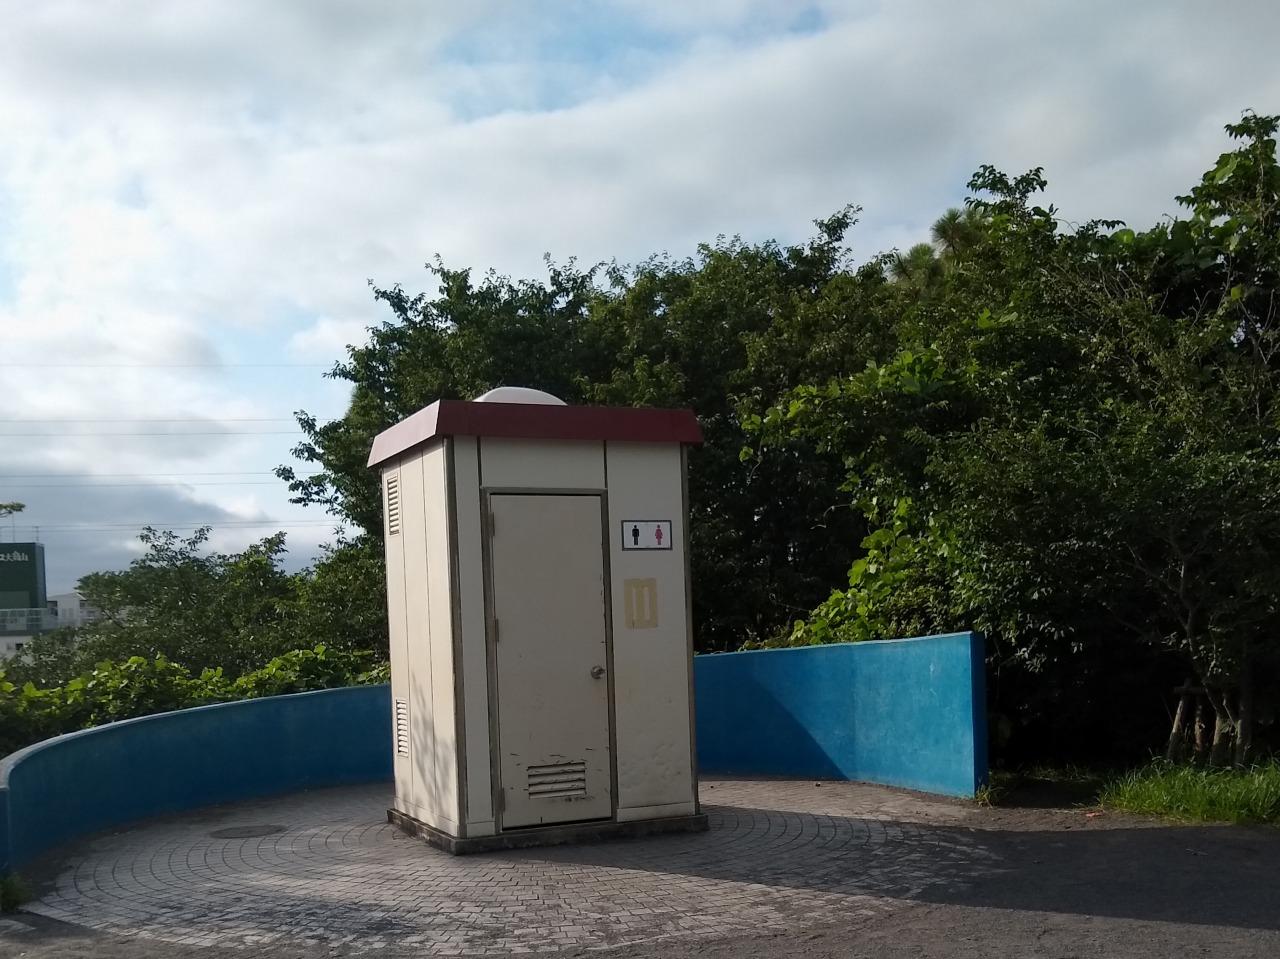 師岡町公園のトイレ